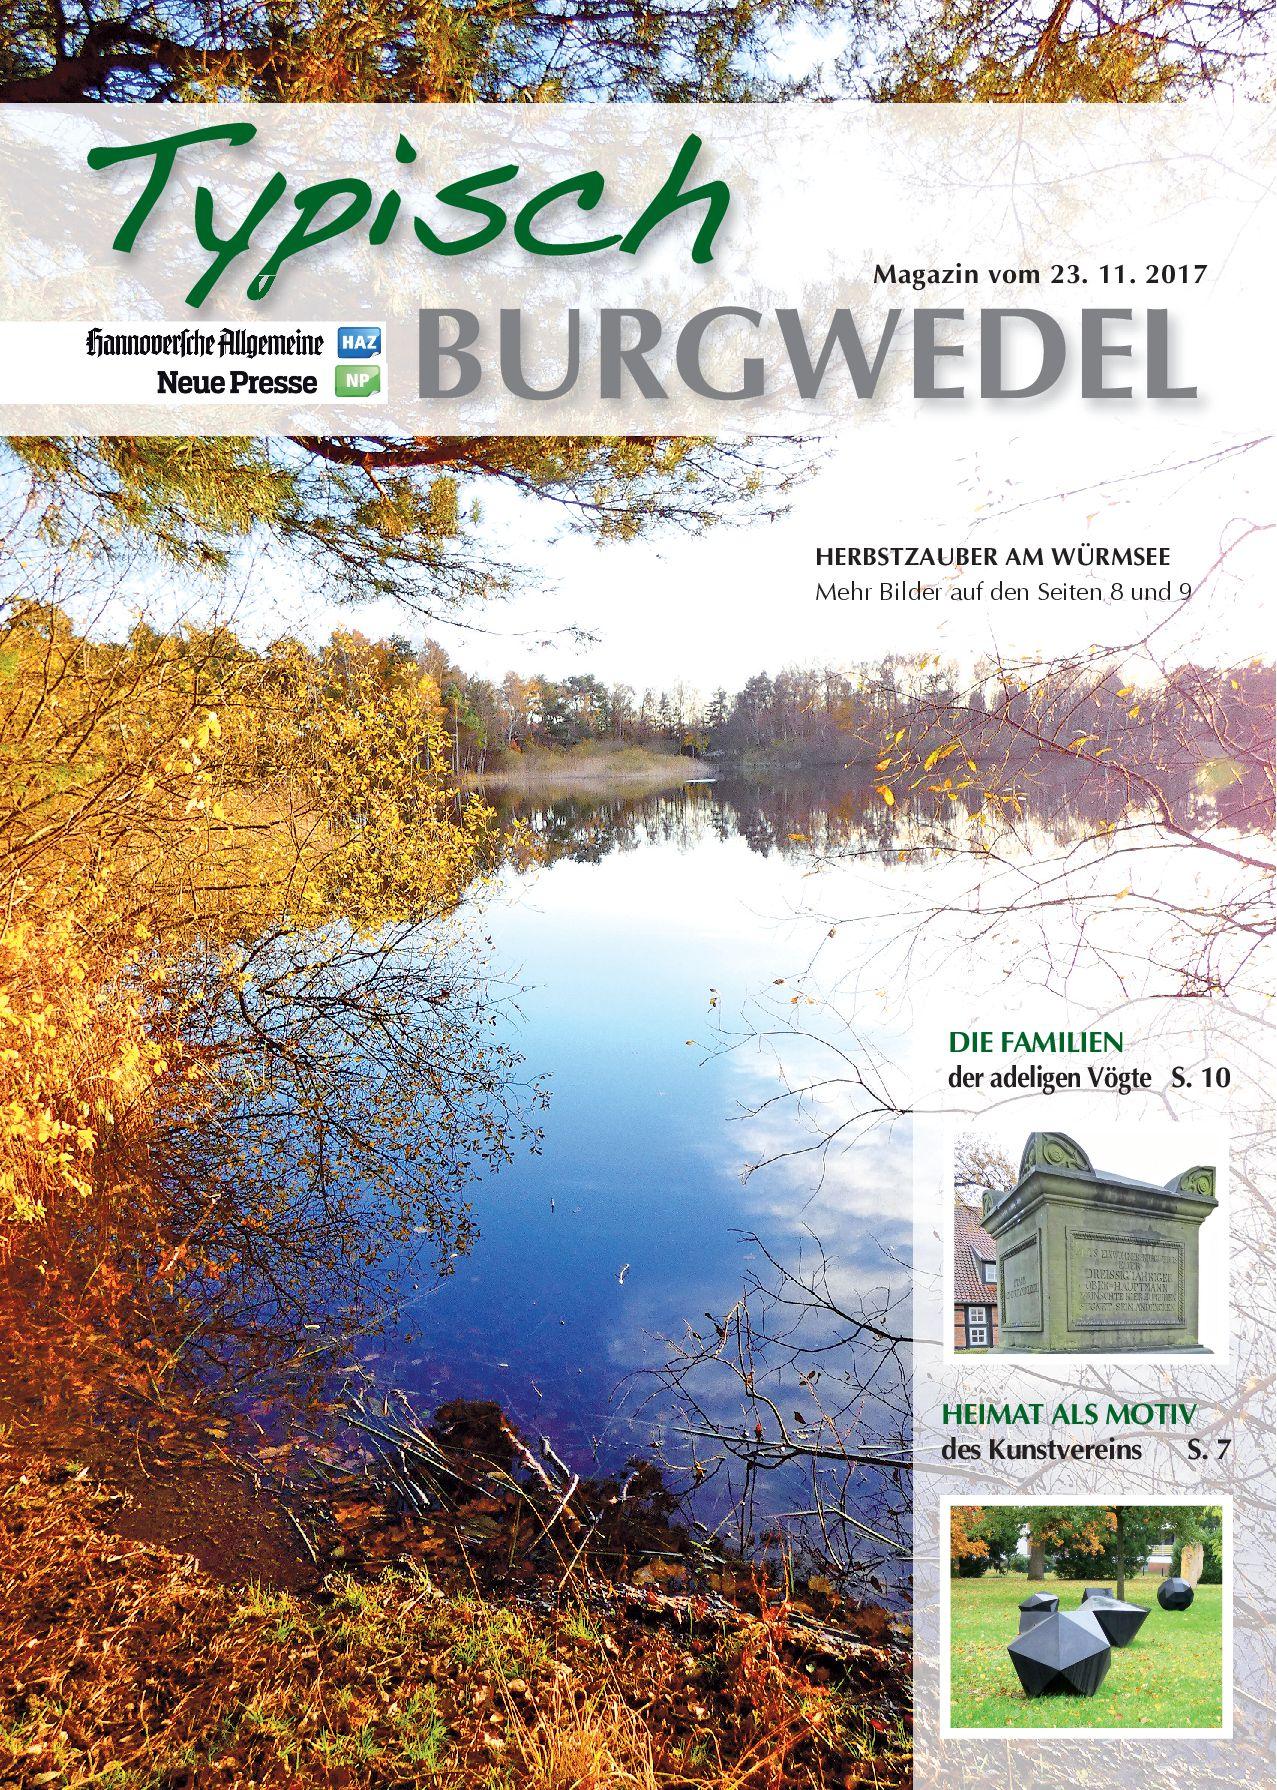 typisch-burgwedel-vom-23-11-2017